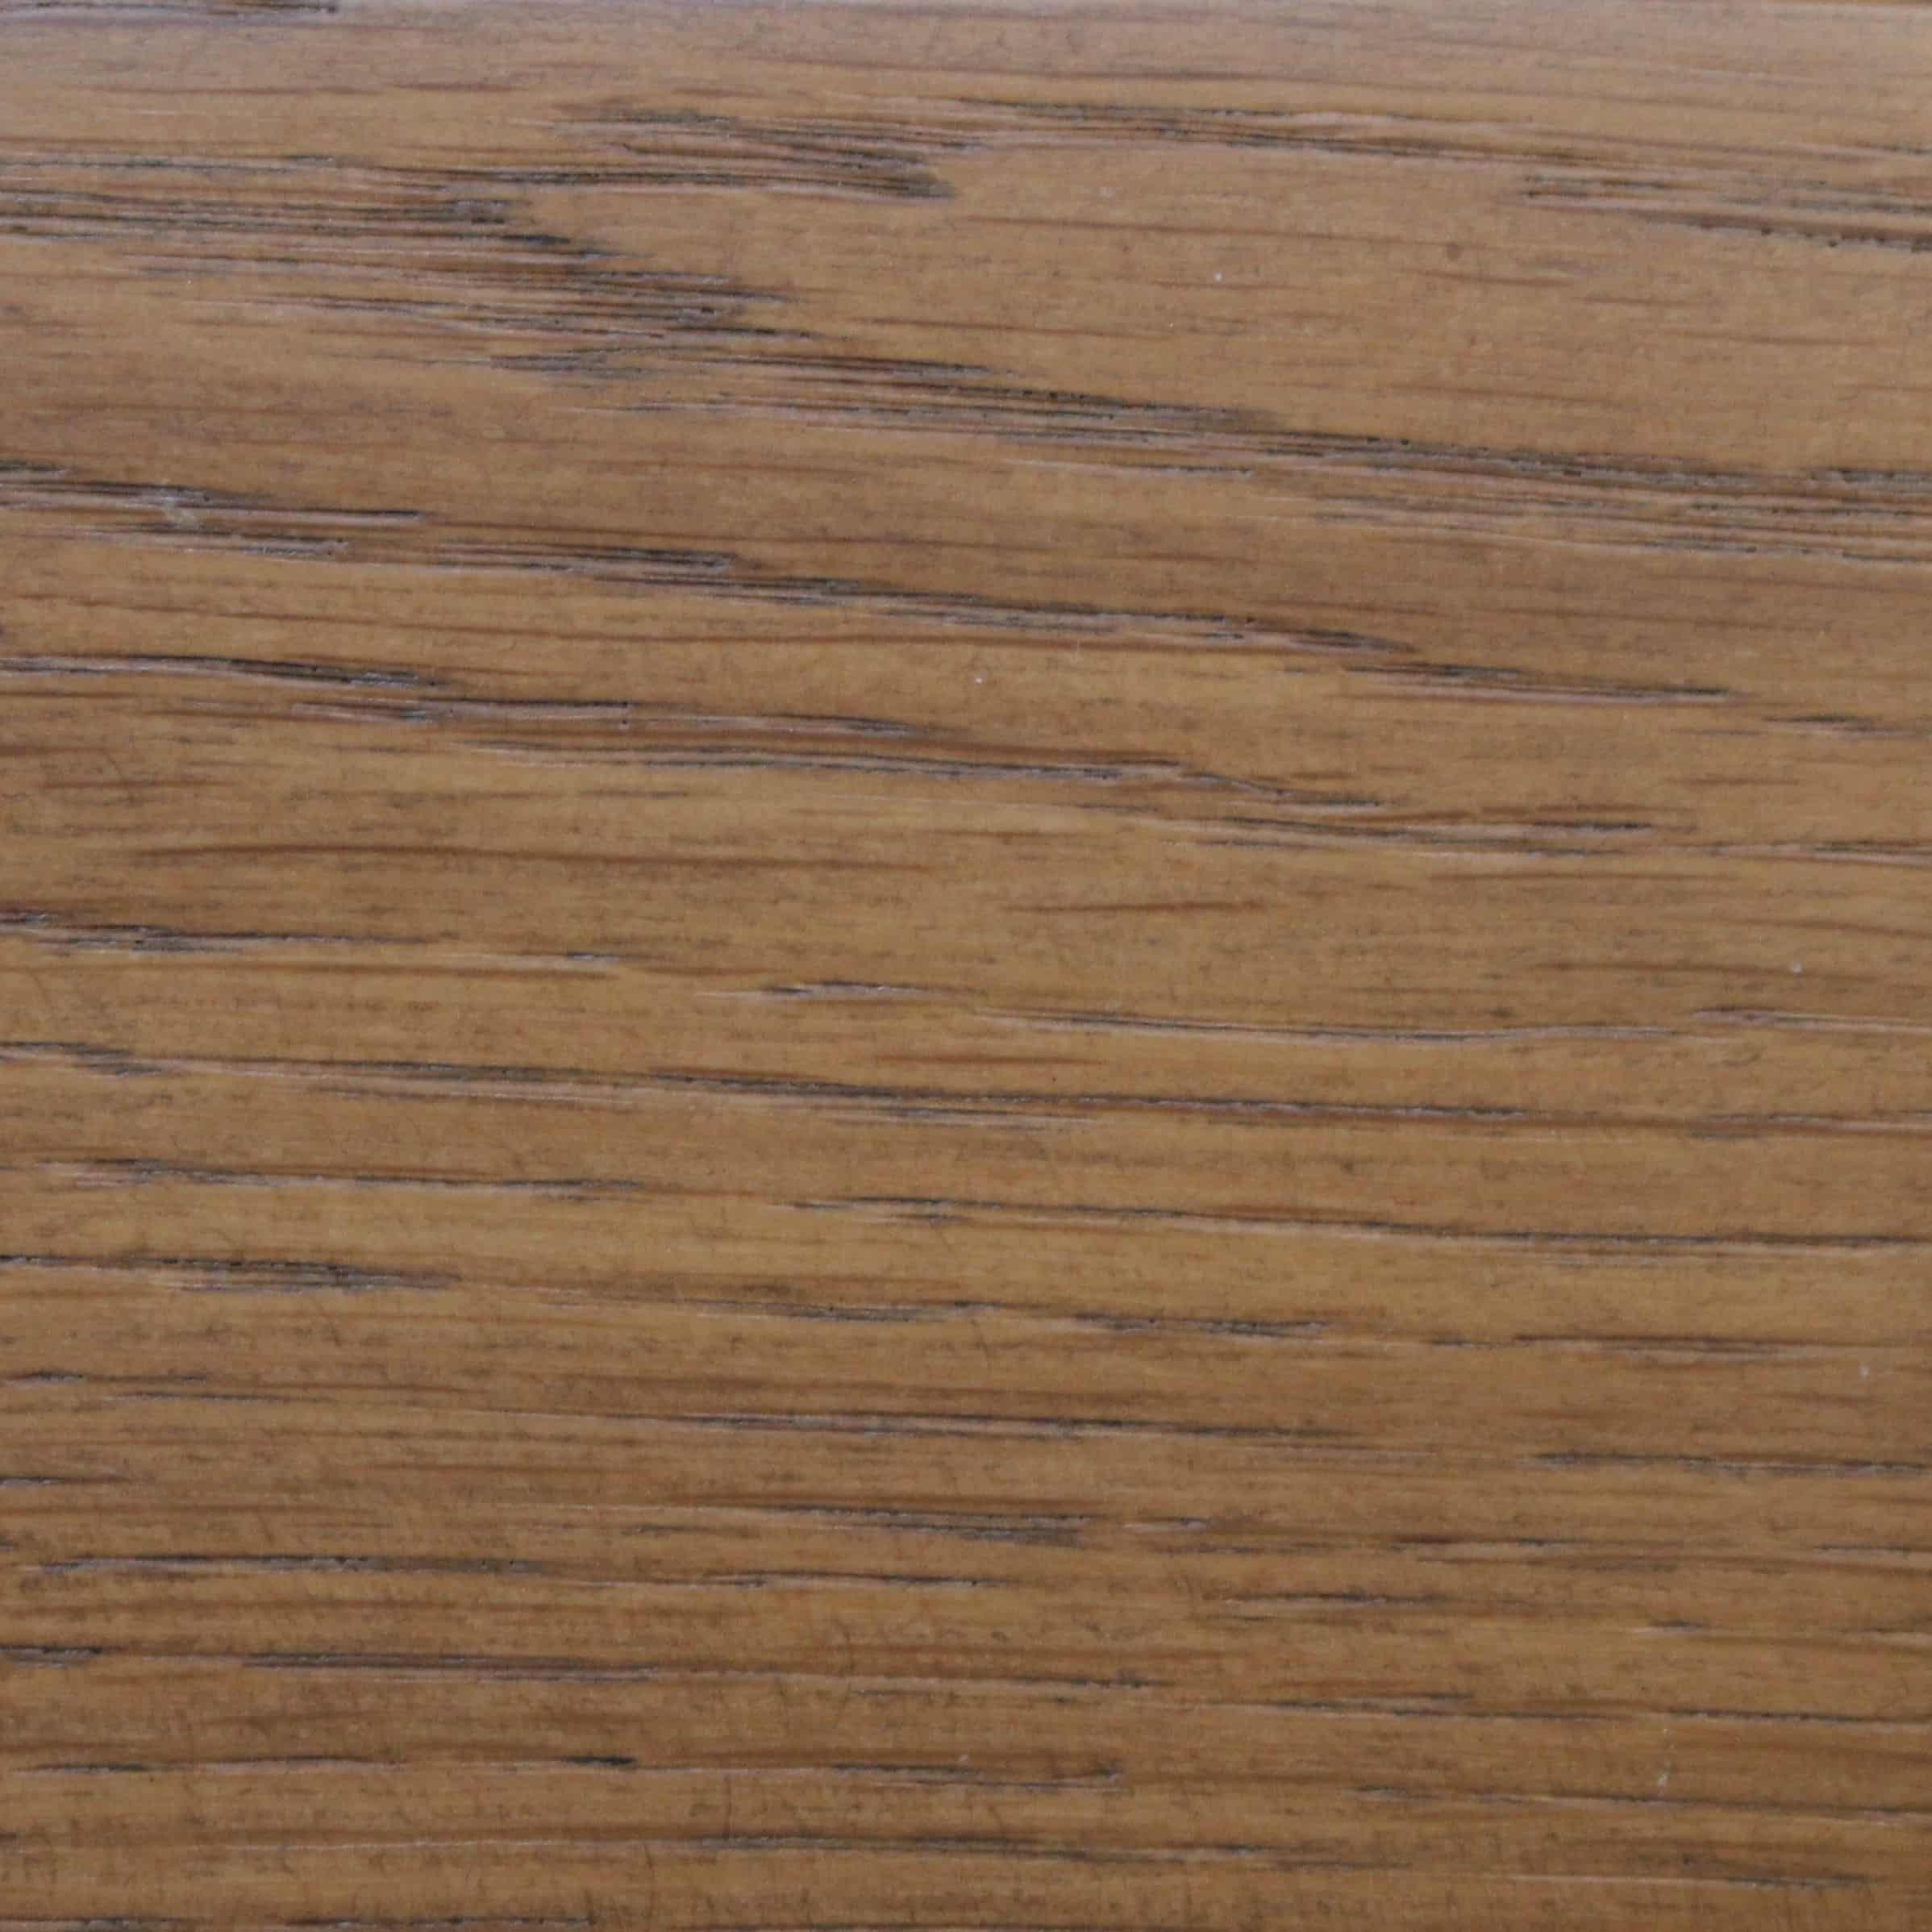 Tawny oak.jpg?ixlib=rails 2.1